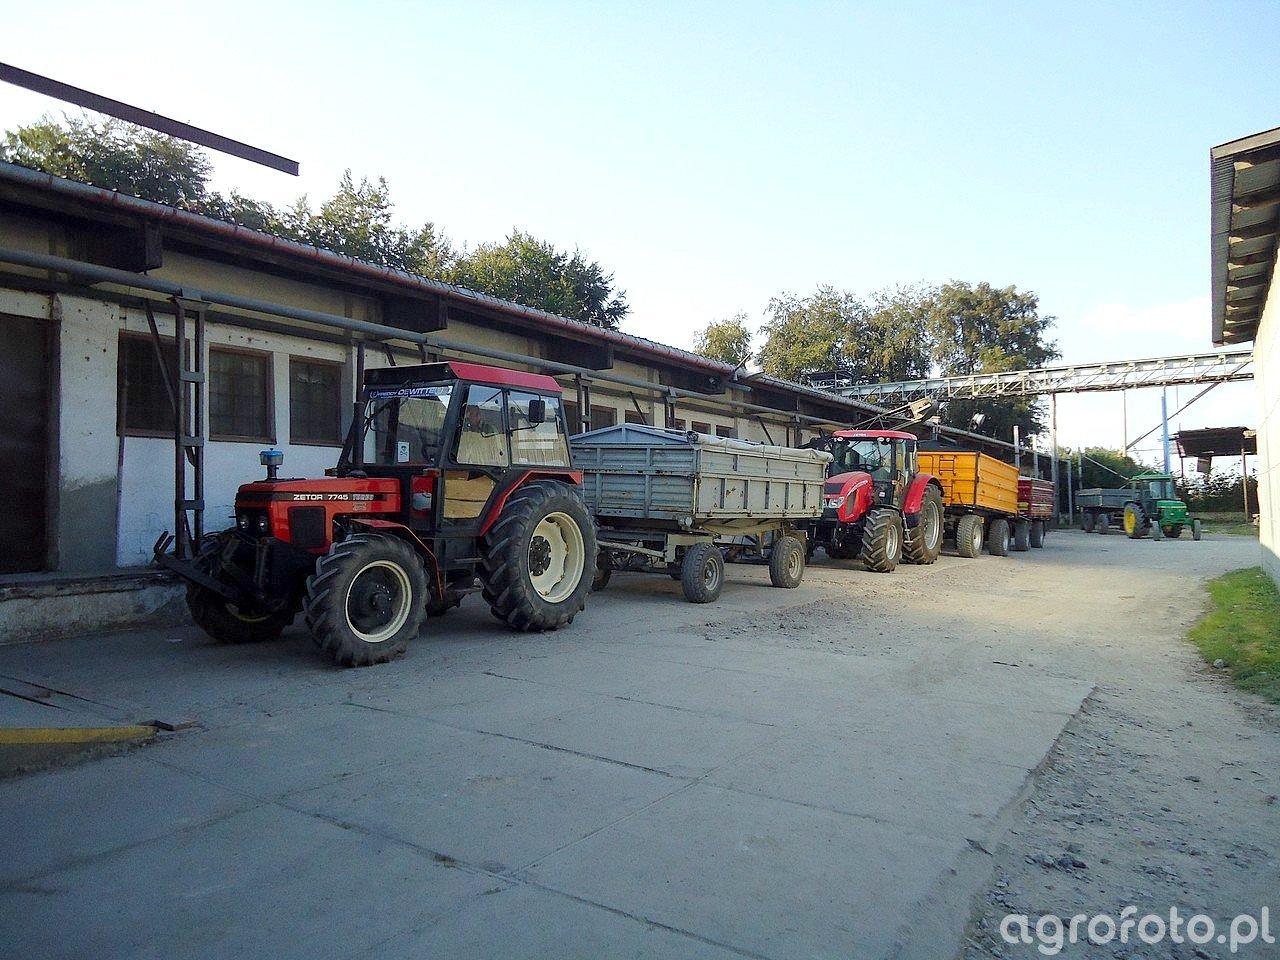 Zetor 7745 Turbo + Sanok & Forterra 115 + Wielton + Zasław